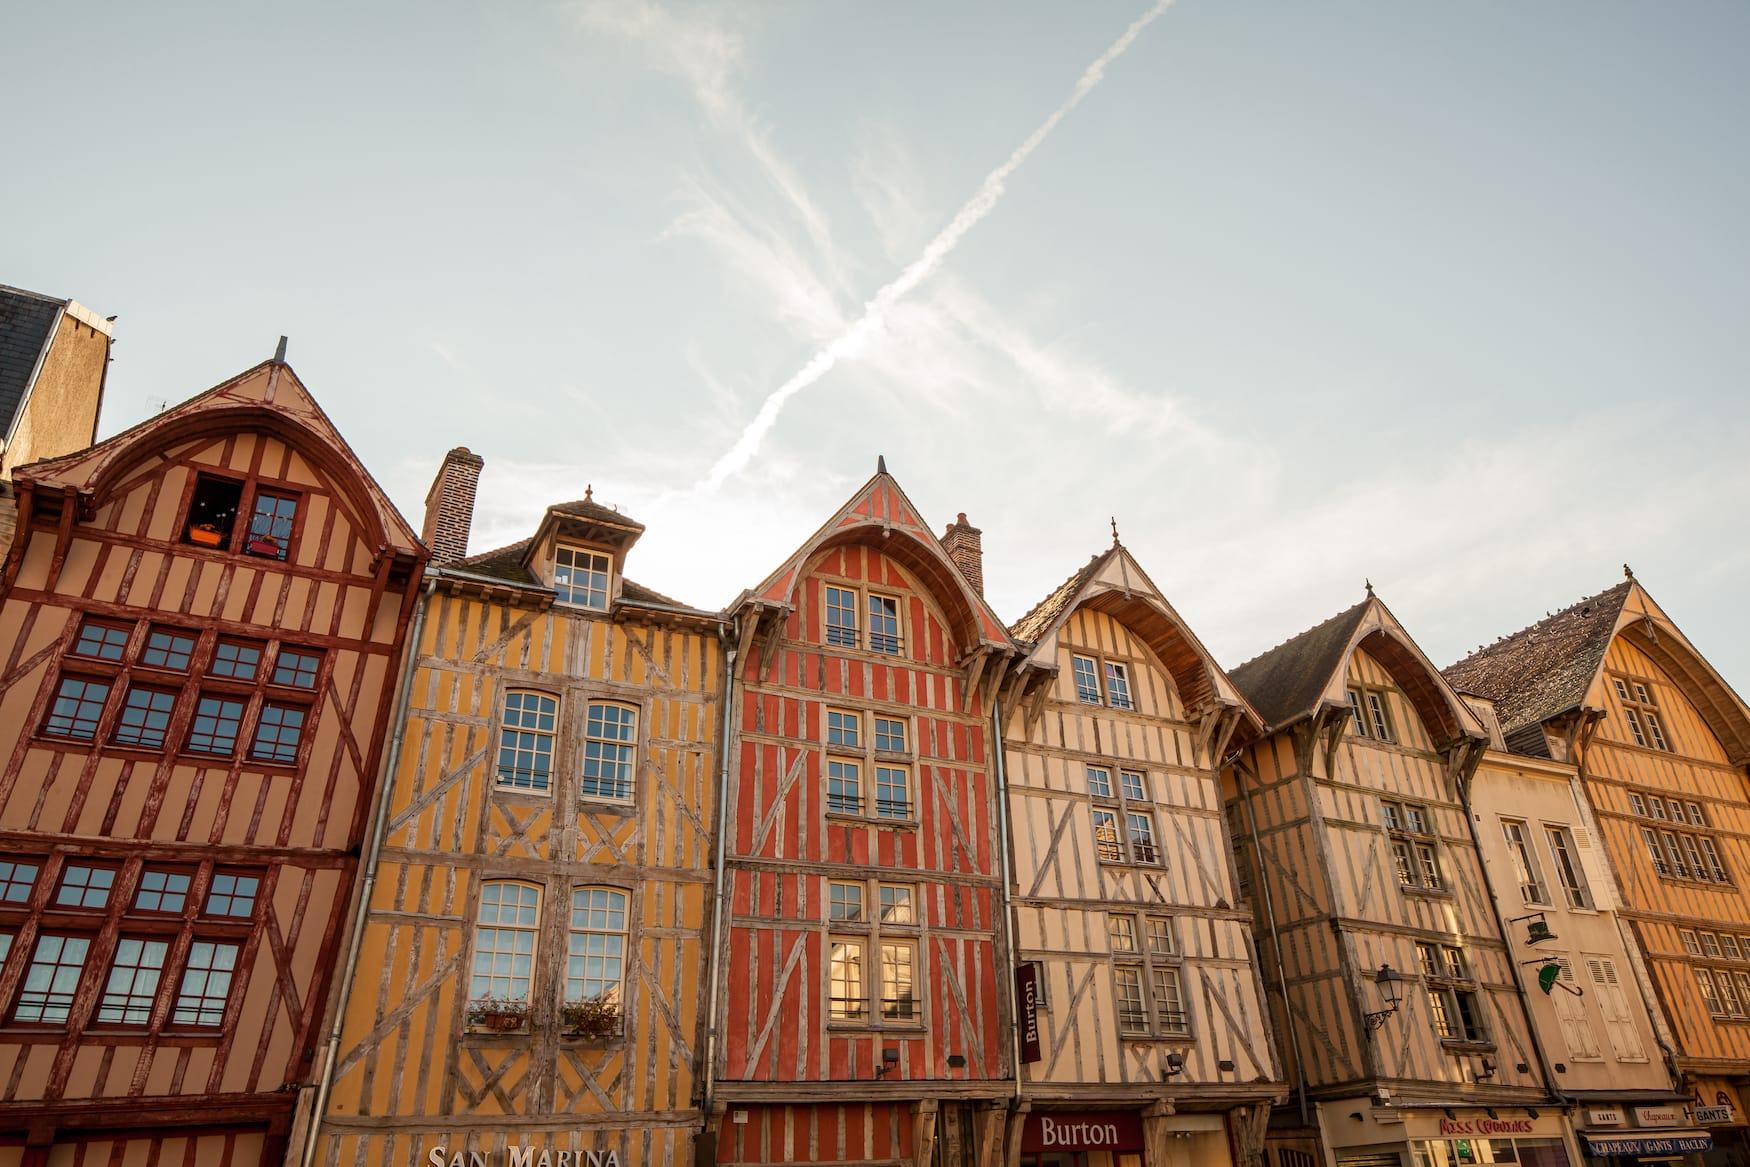 Fachwerkhäuser in Troyes, Frankreich, Aube en Champagne